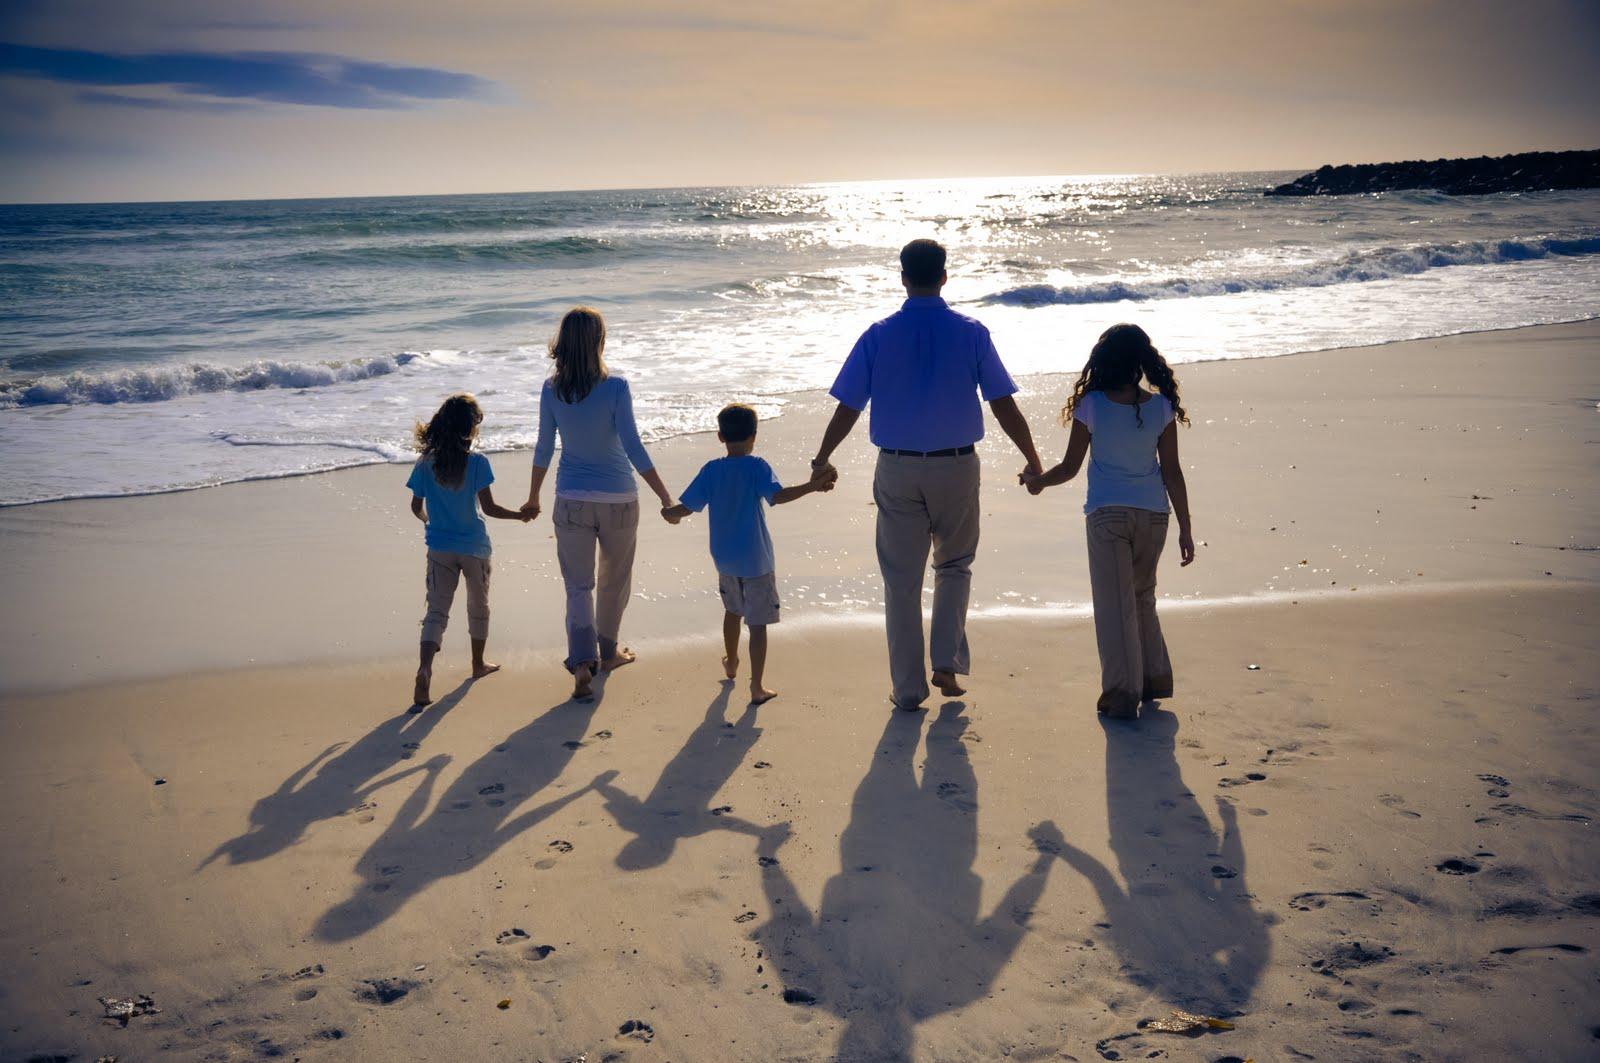 тобой красивые фото семьи с детьми со спины привыкли что плов